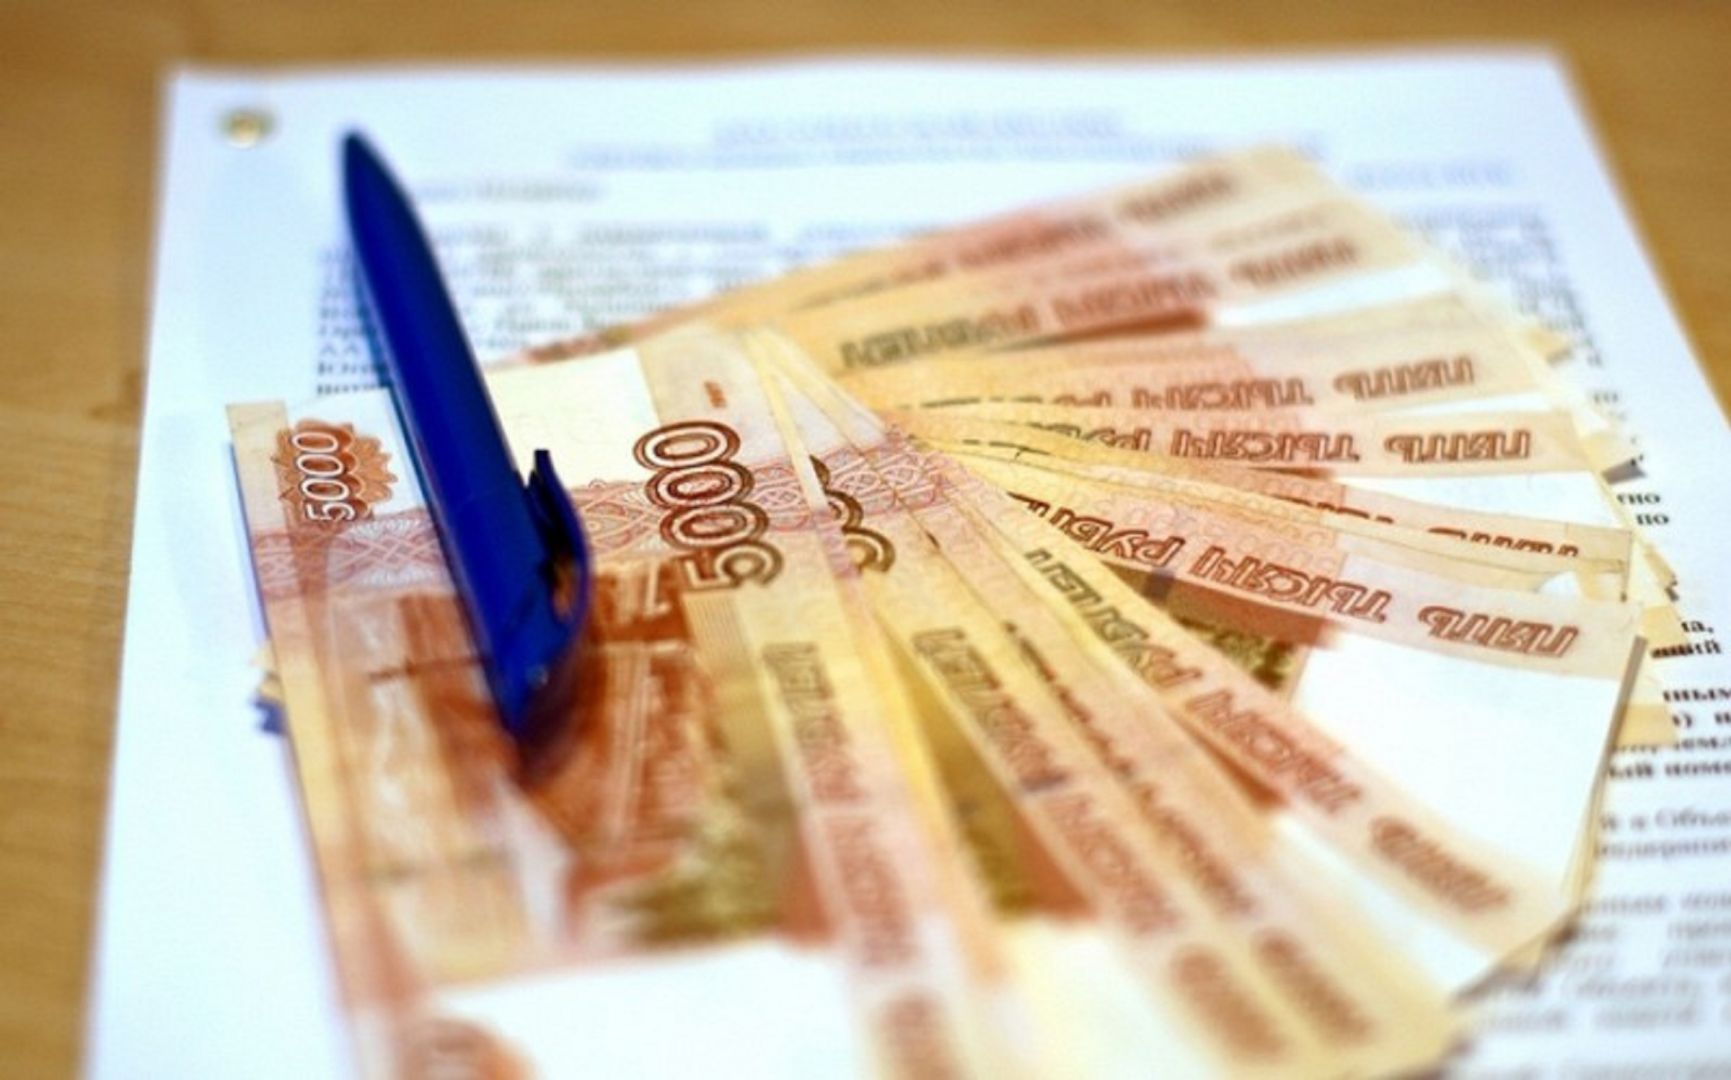 В Минэкономразвития Ставрополья рассказали, как получить от 20 миллионов рублей на развитие бизнеса